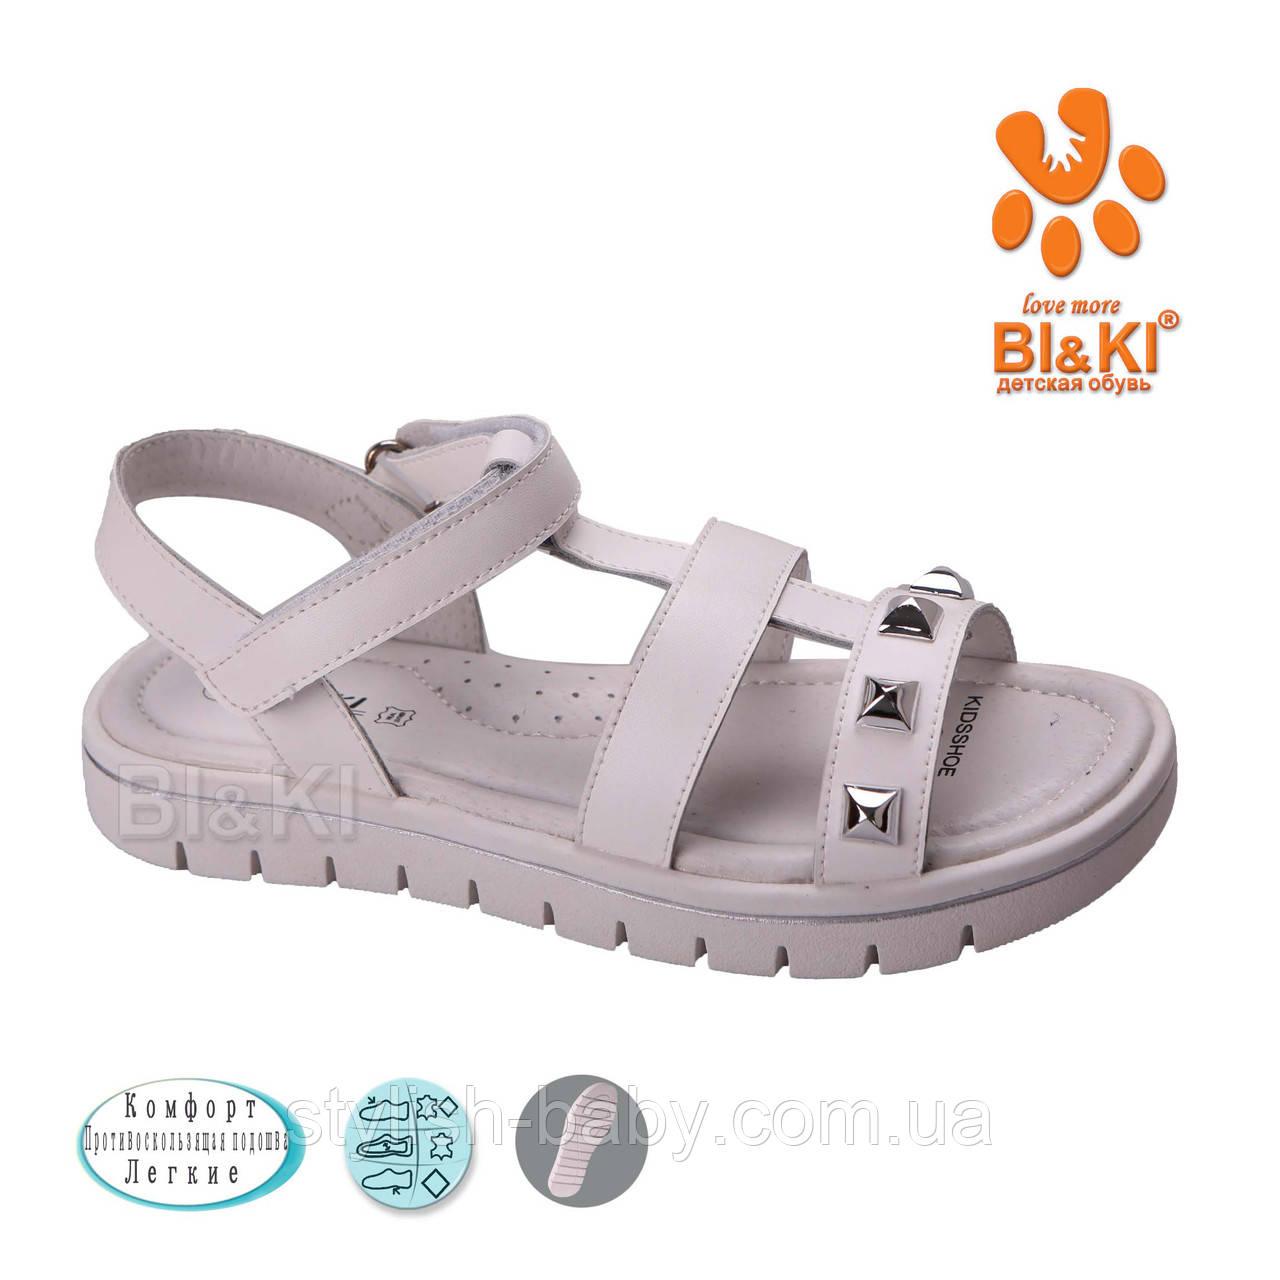 Детская летняя обувь 2018. Детские босоножки бренда Tom.m (Bi&Ki) для девочек (рр. с 33 по 38)